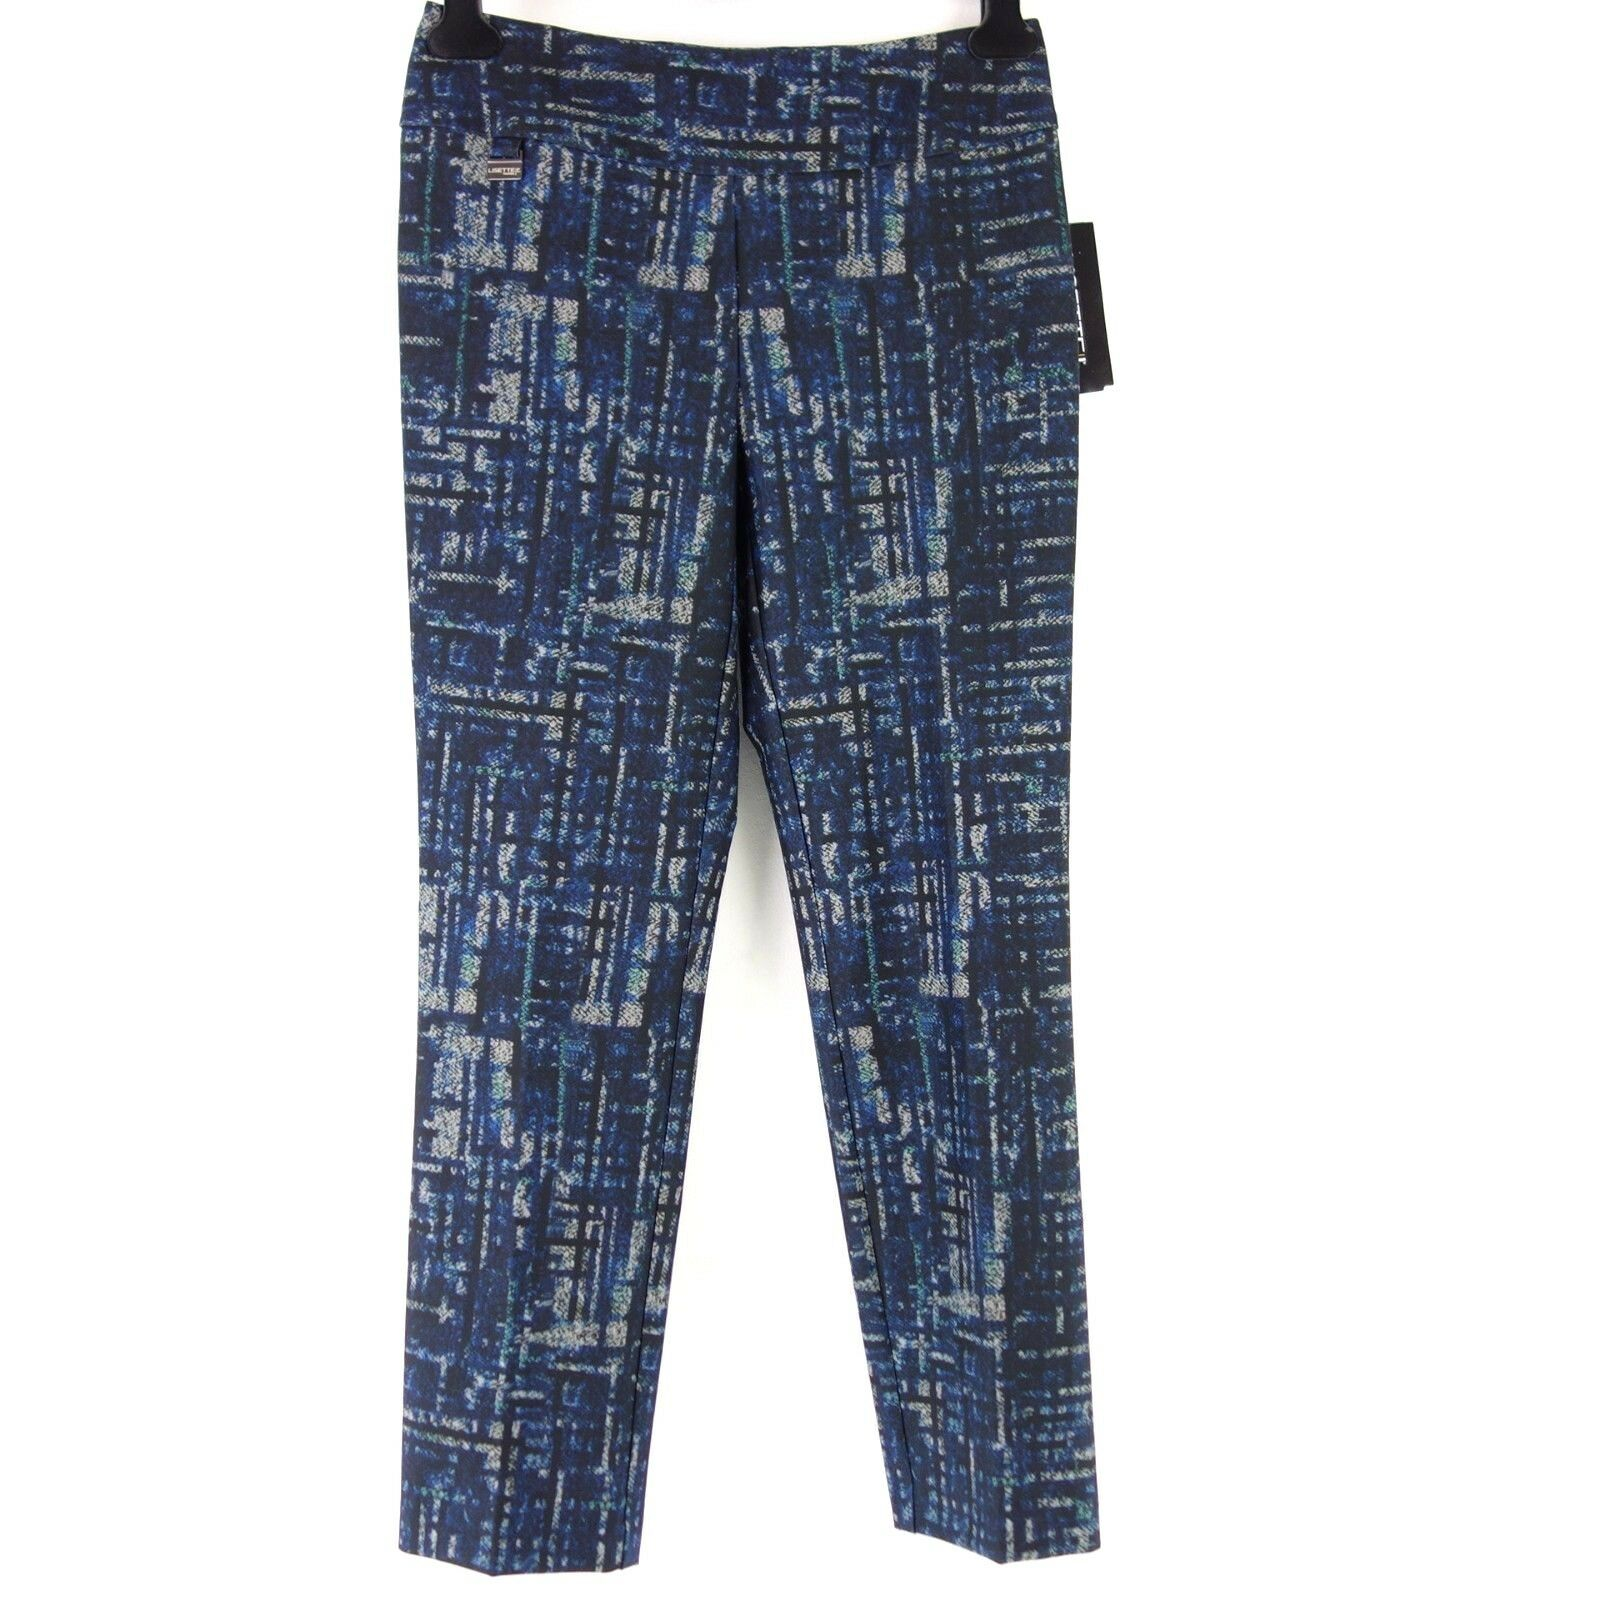 Lisette Montreal Pantalón Mujer Gr 36 Patrón Ankle Recto Cintura Cintura Cintura Elástica Np 54cd0c